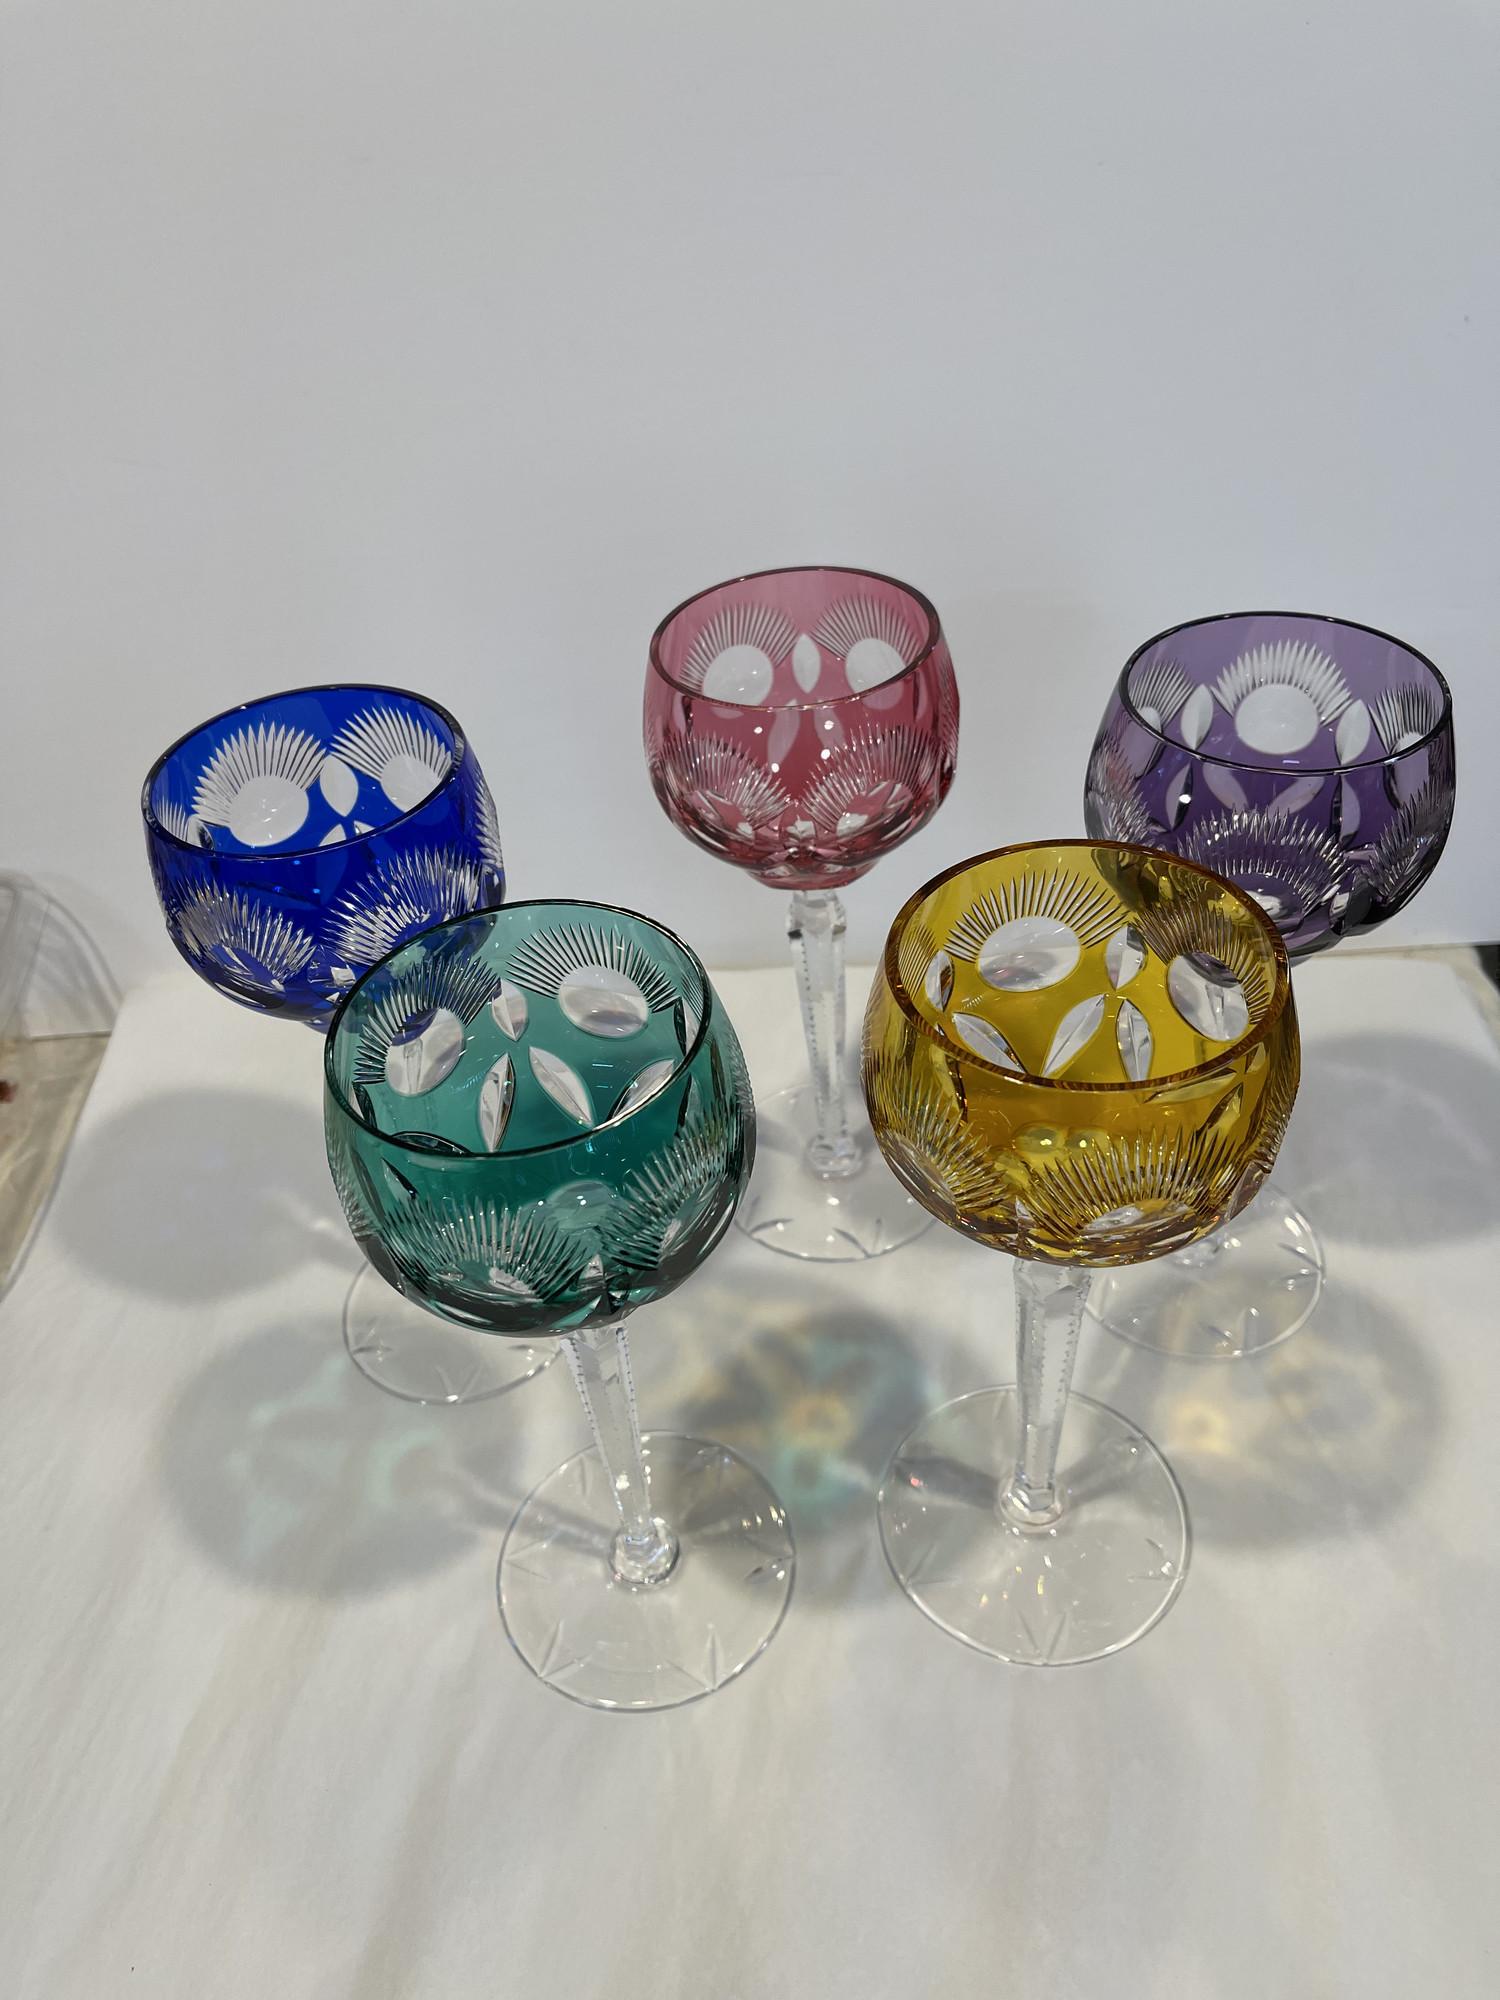 5 Lead Crystal Goblets, Multi, Size: Med